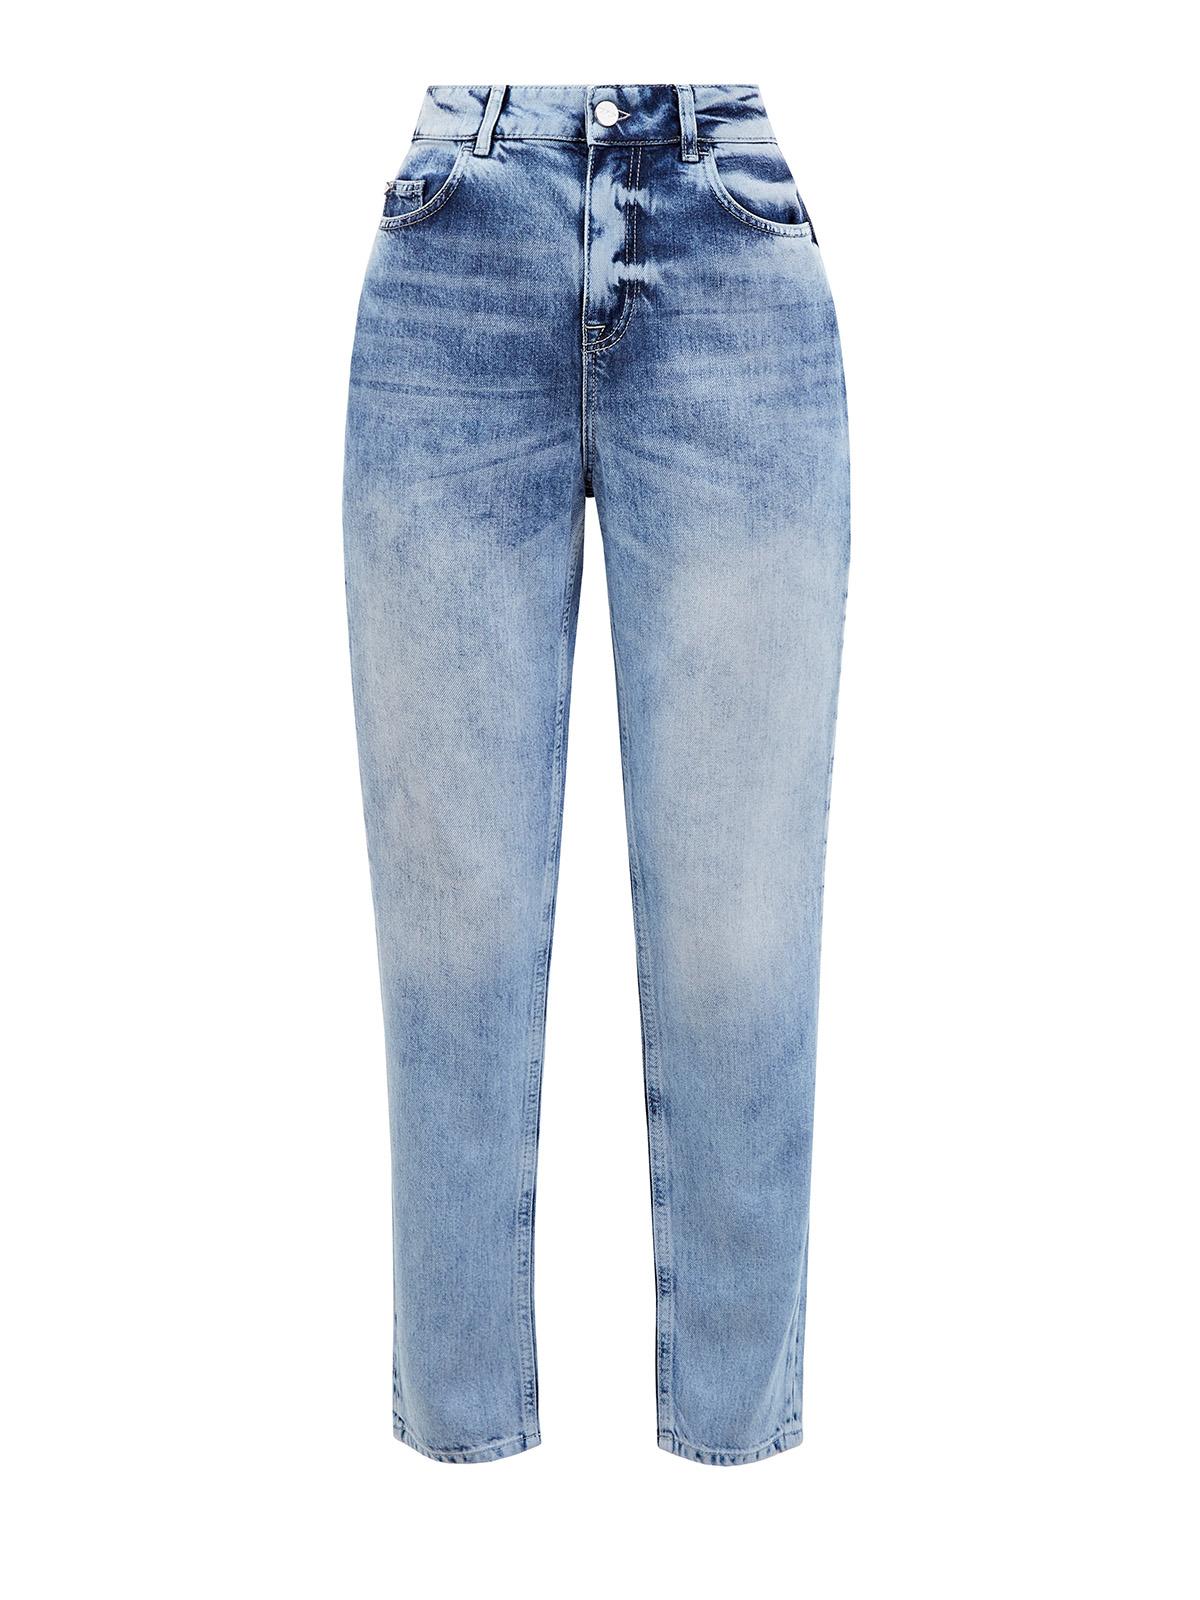 Укороченные джинсы mom's с эффектом кислотной стирки